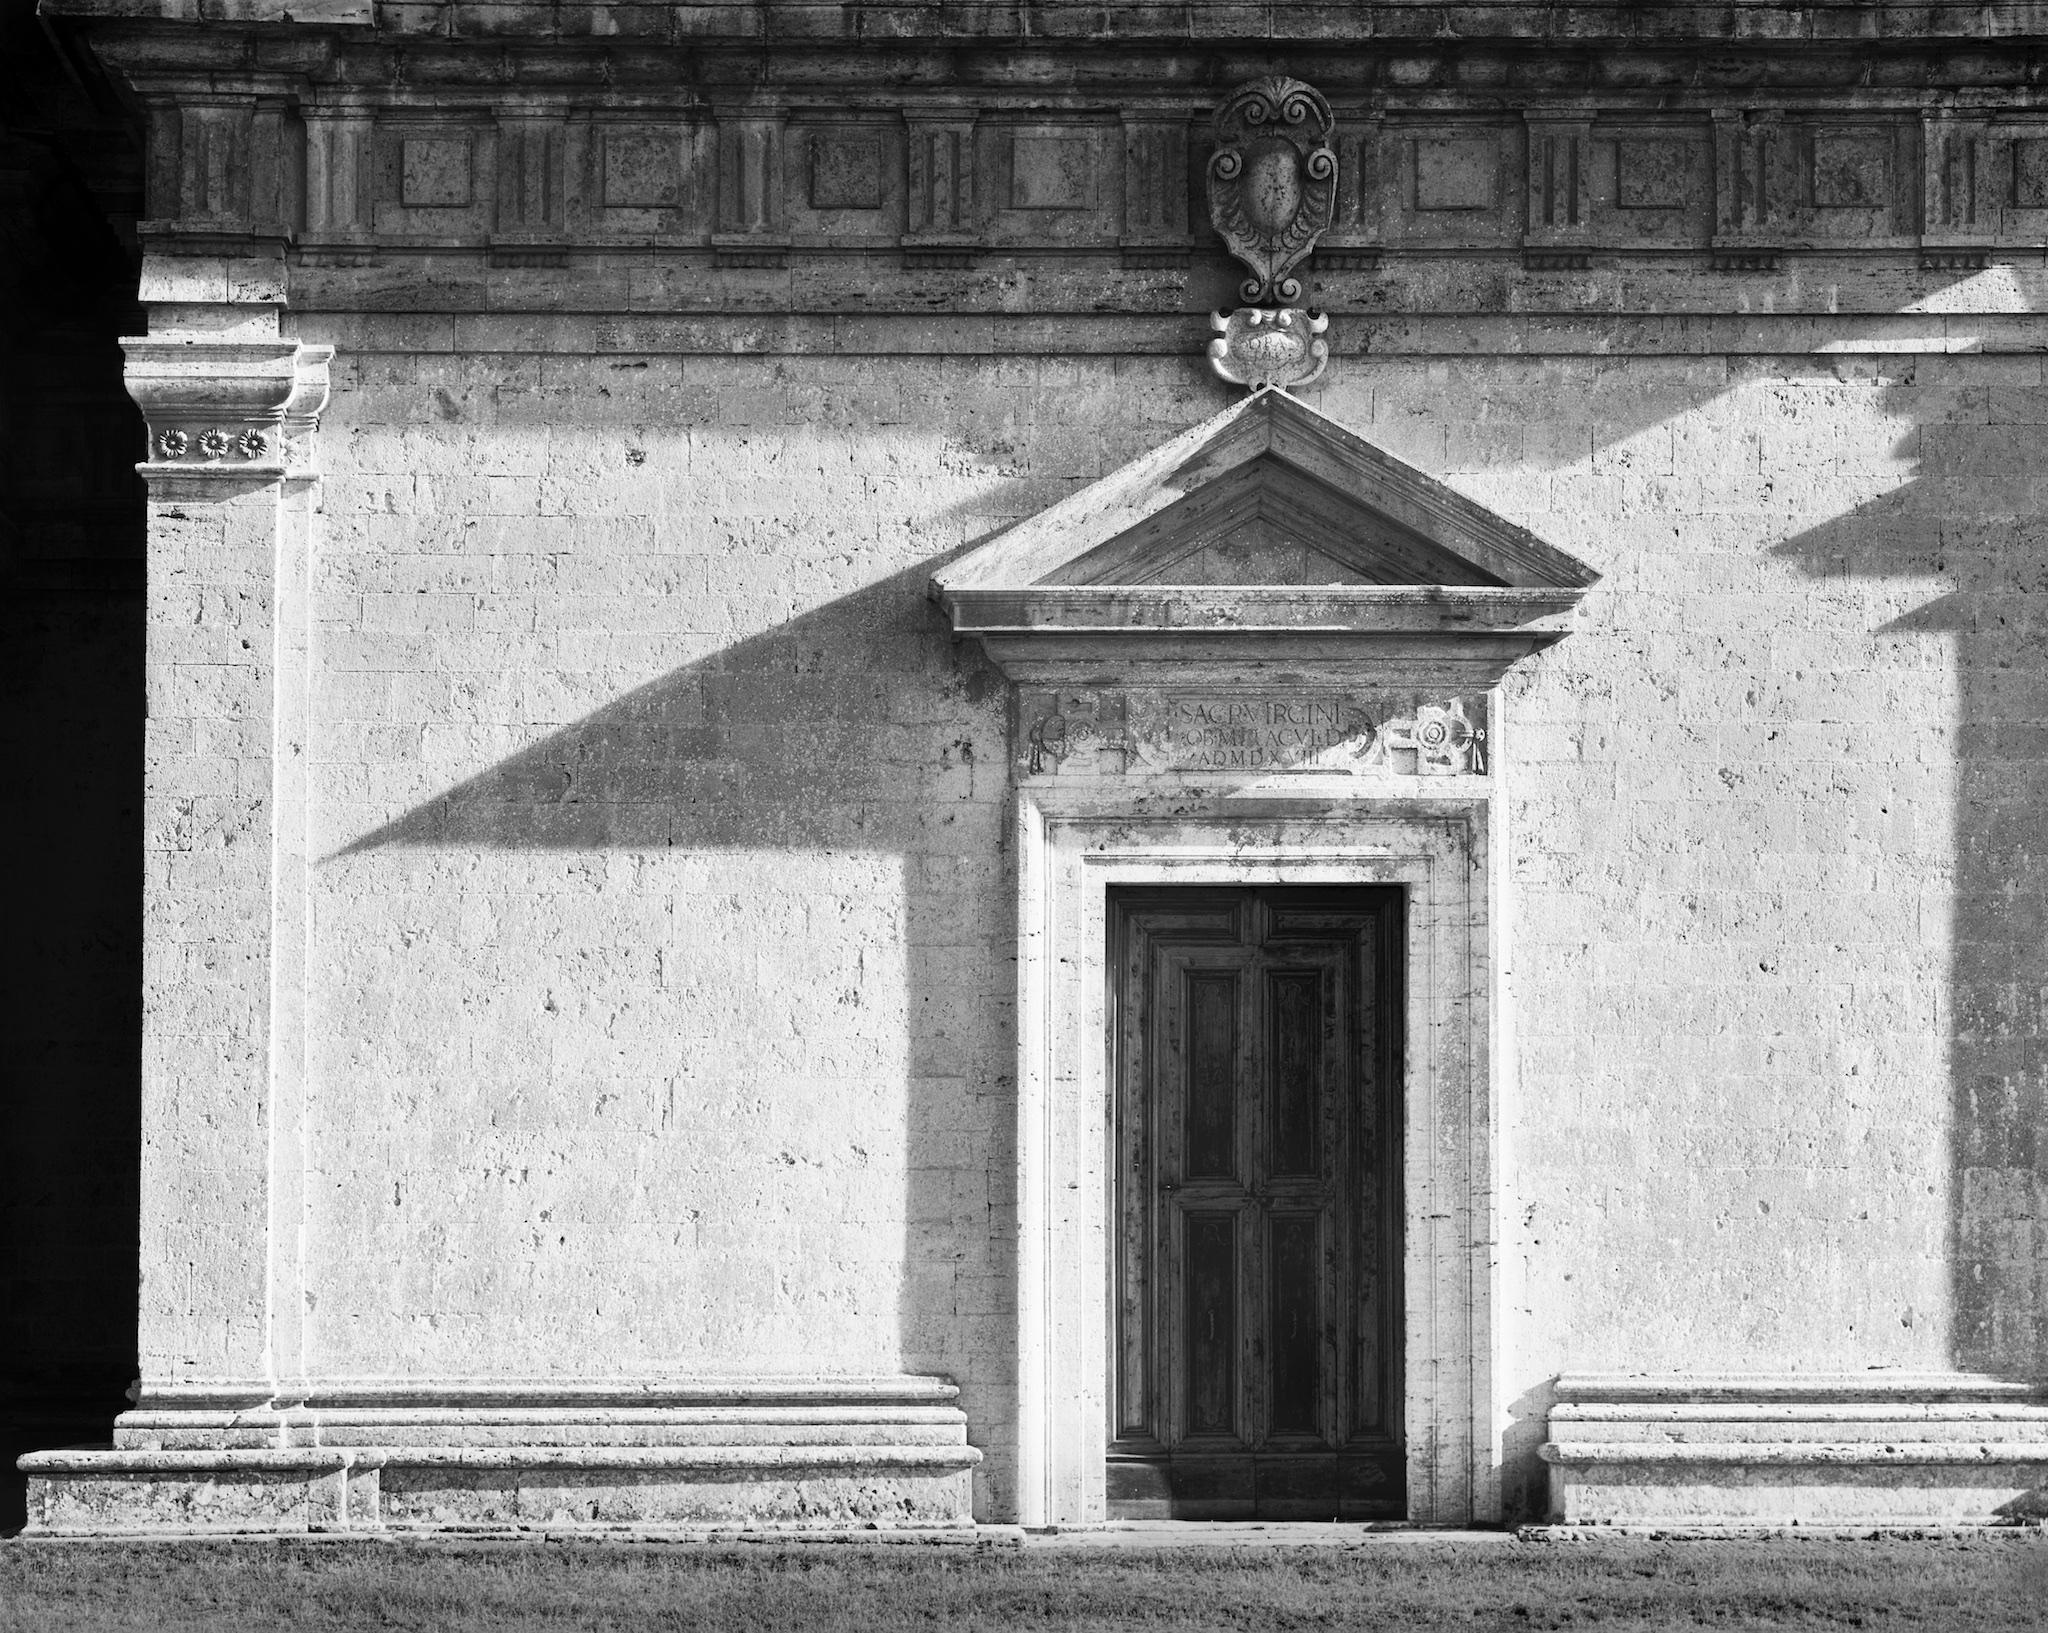 San Biagio, Montepulcianno, Toscana